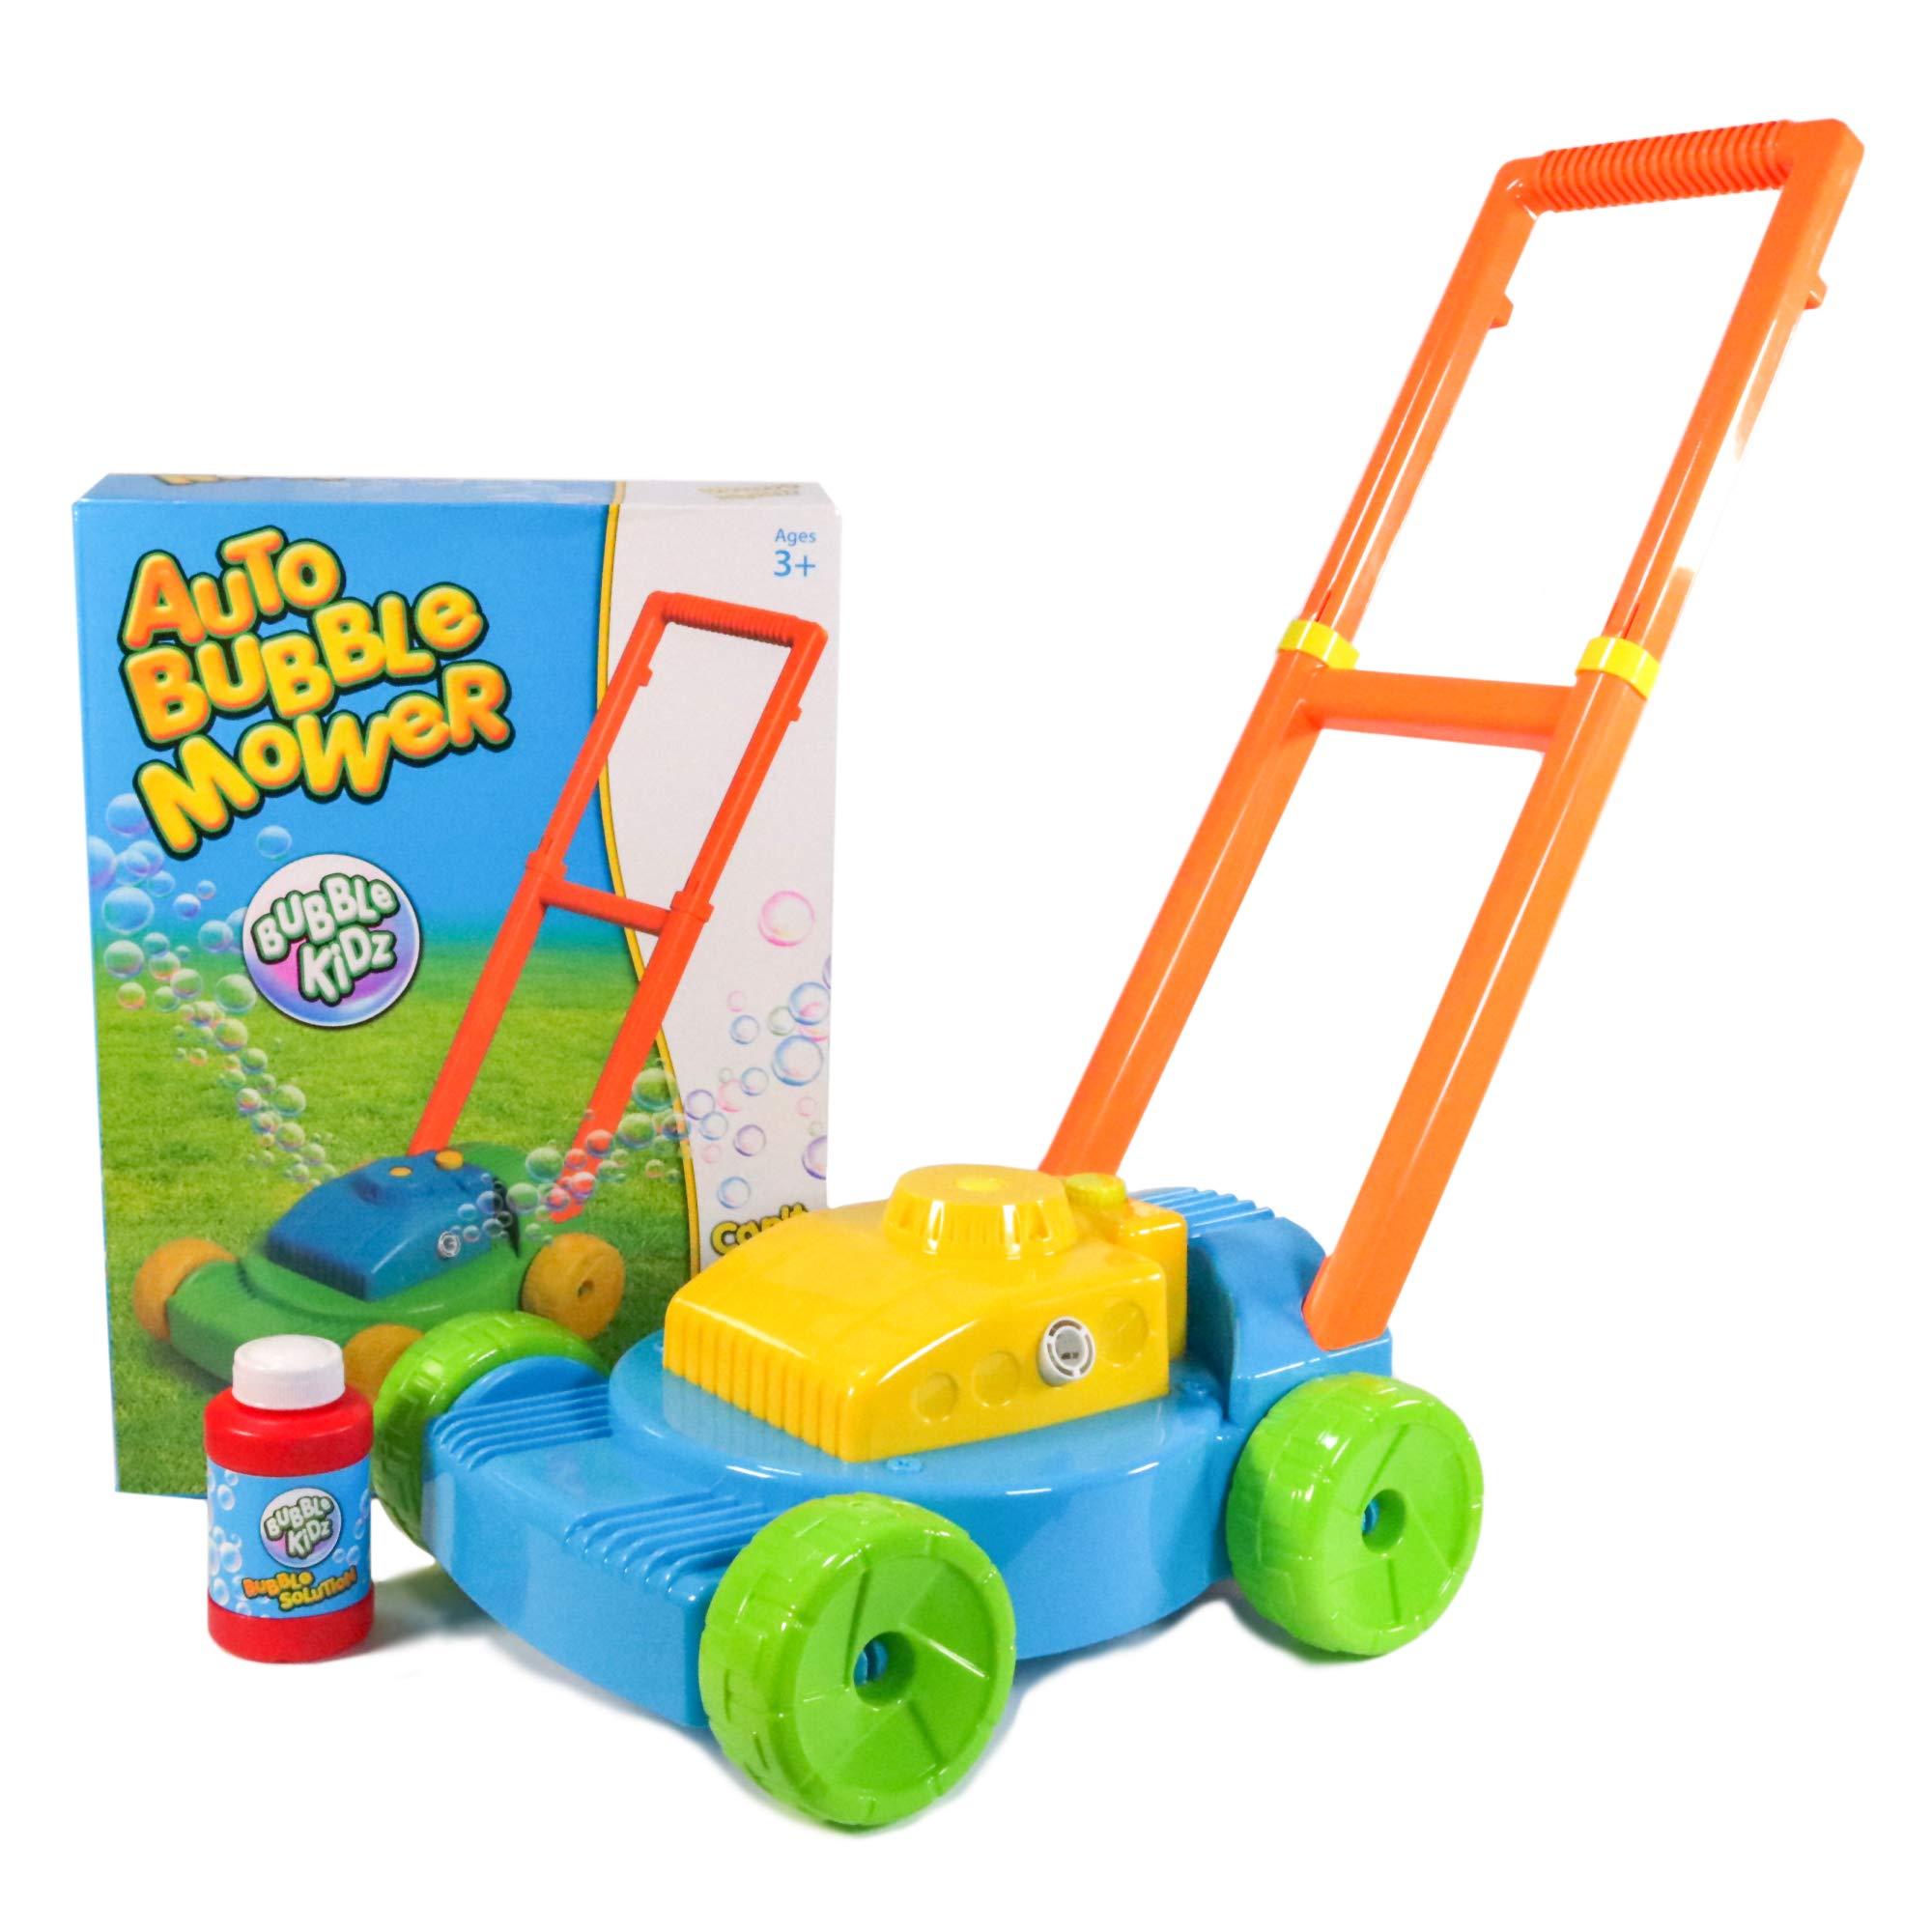 BUBBLE KIDZ Niños Cortacésped Burbujas Automático Máquina Soplador Jardín Fiesta Juguete Niños: Amazon.es: Juguetes y juegos